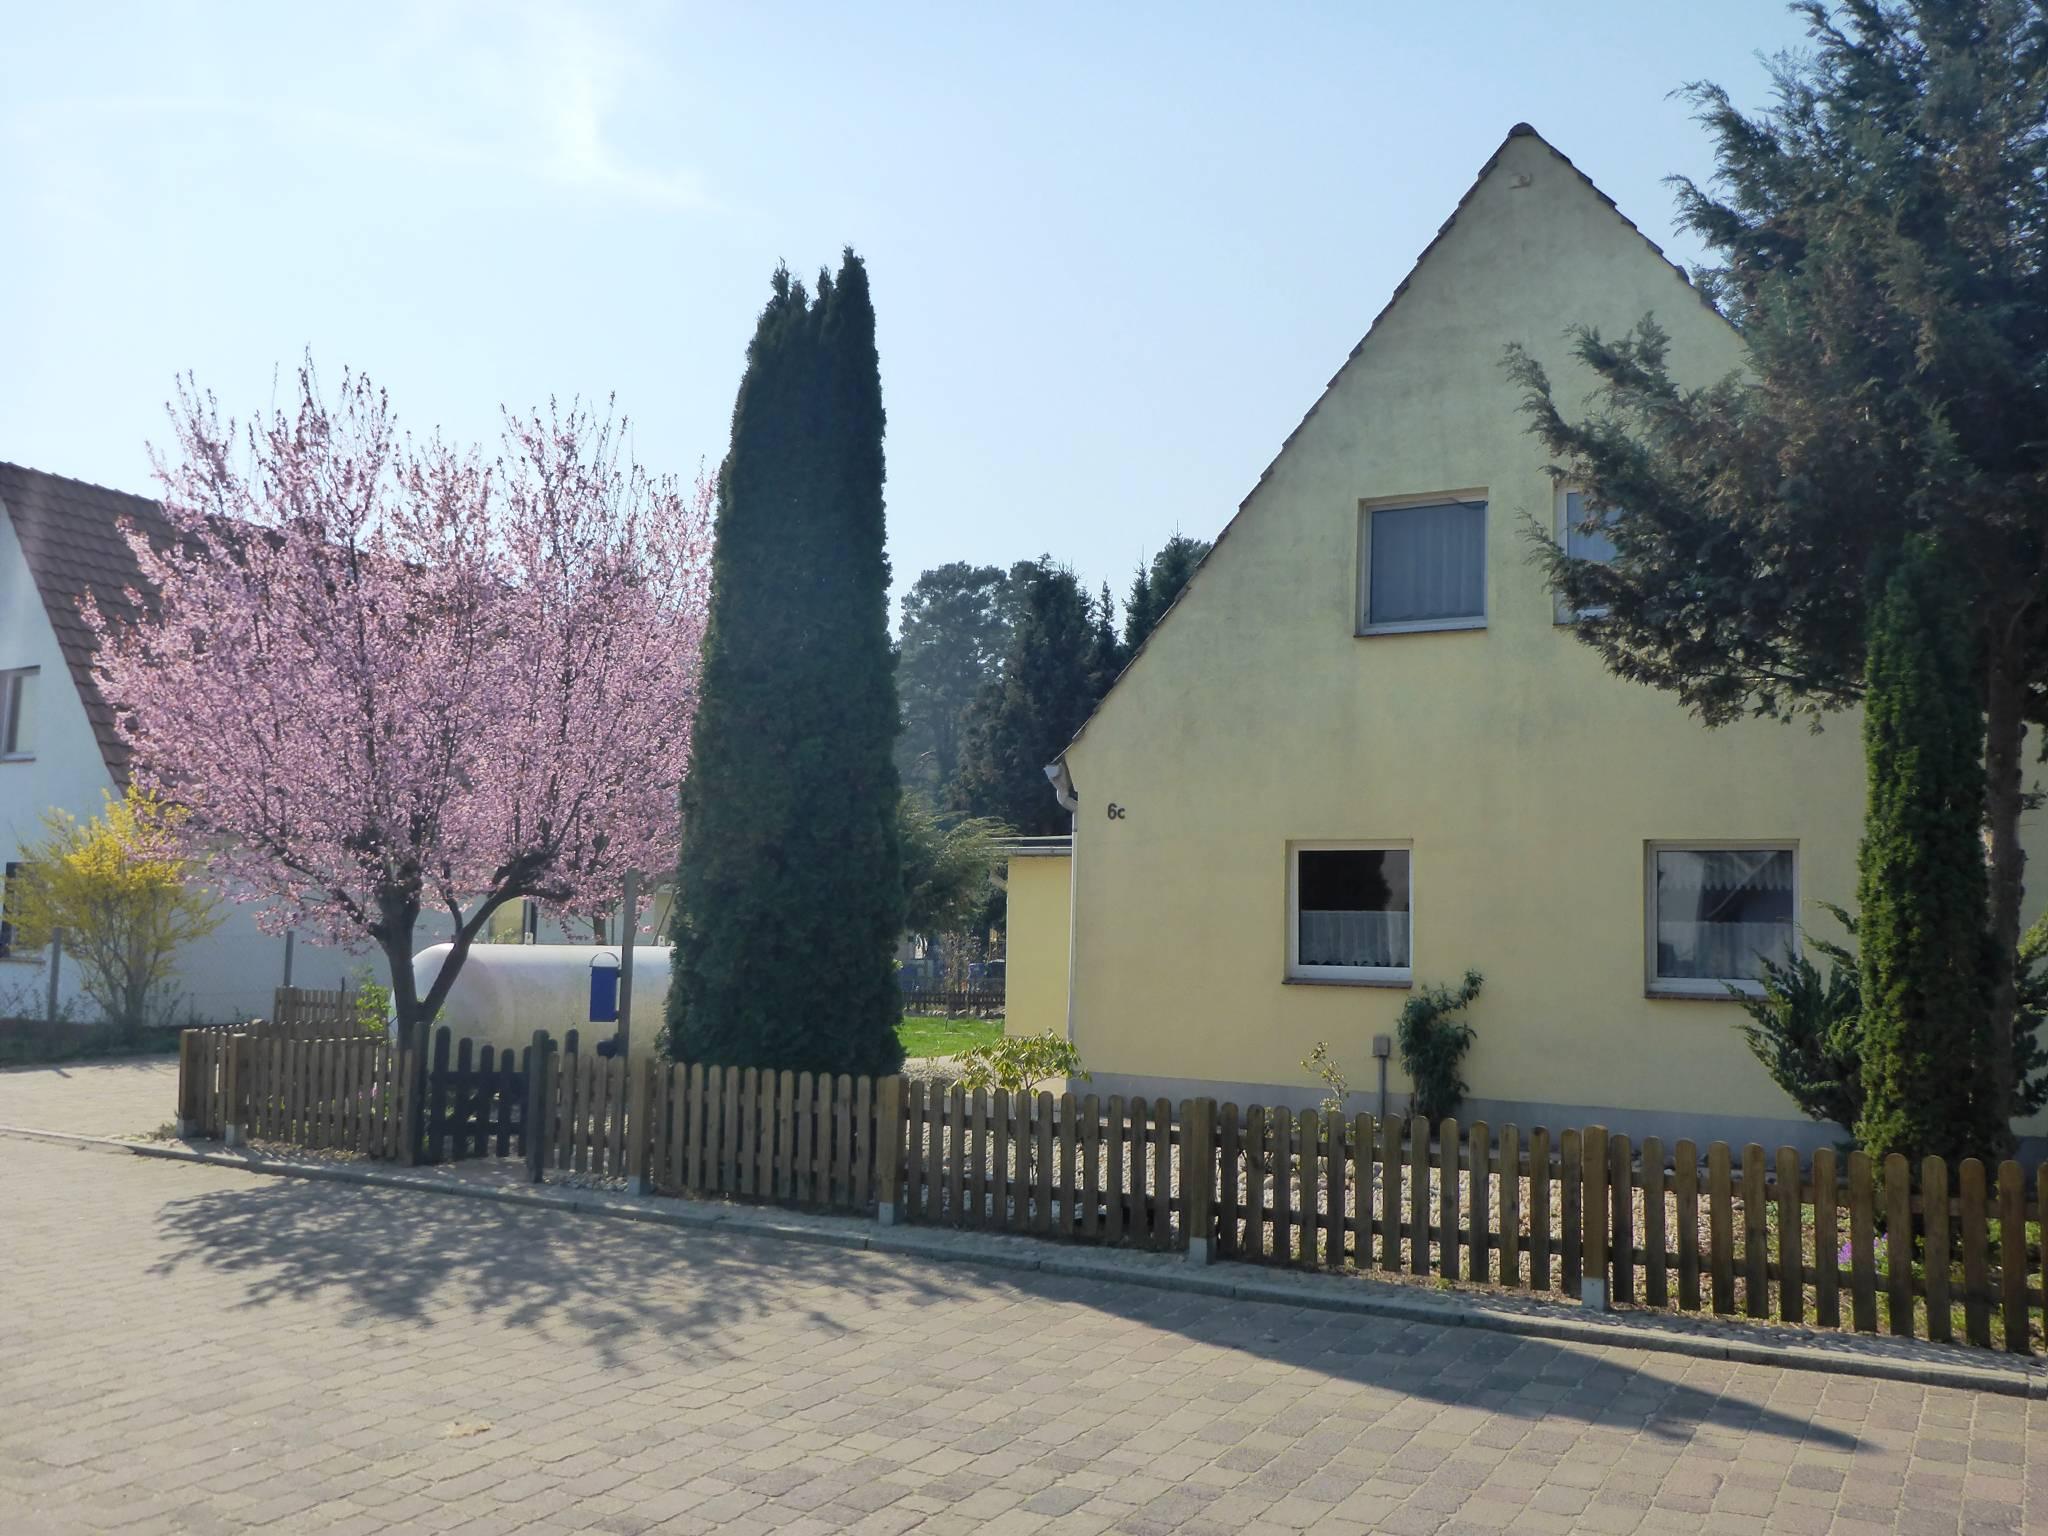 Detailbild von 'Haus am Wald'